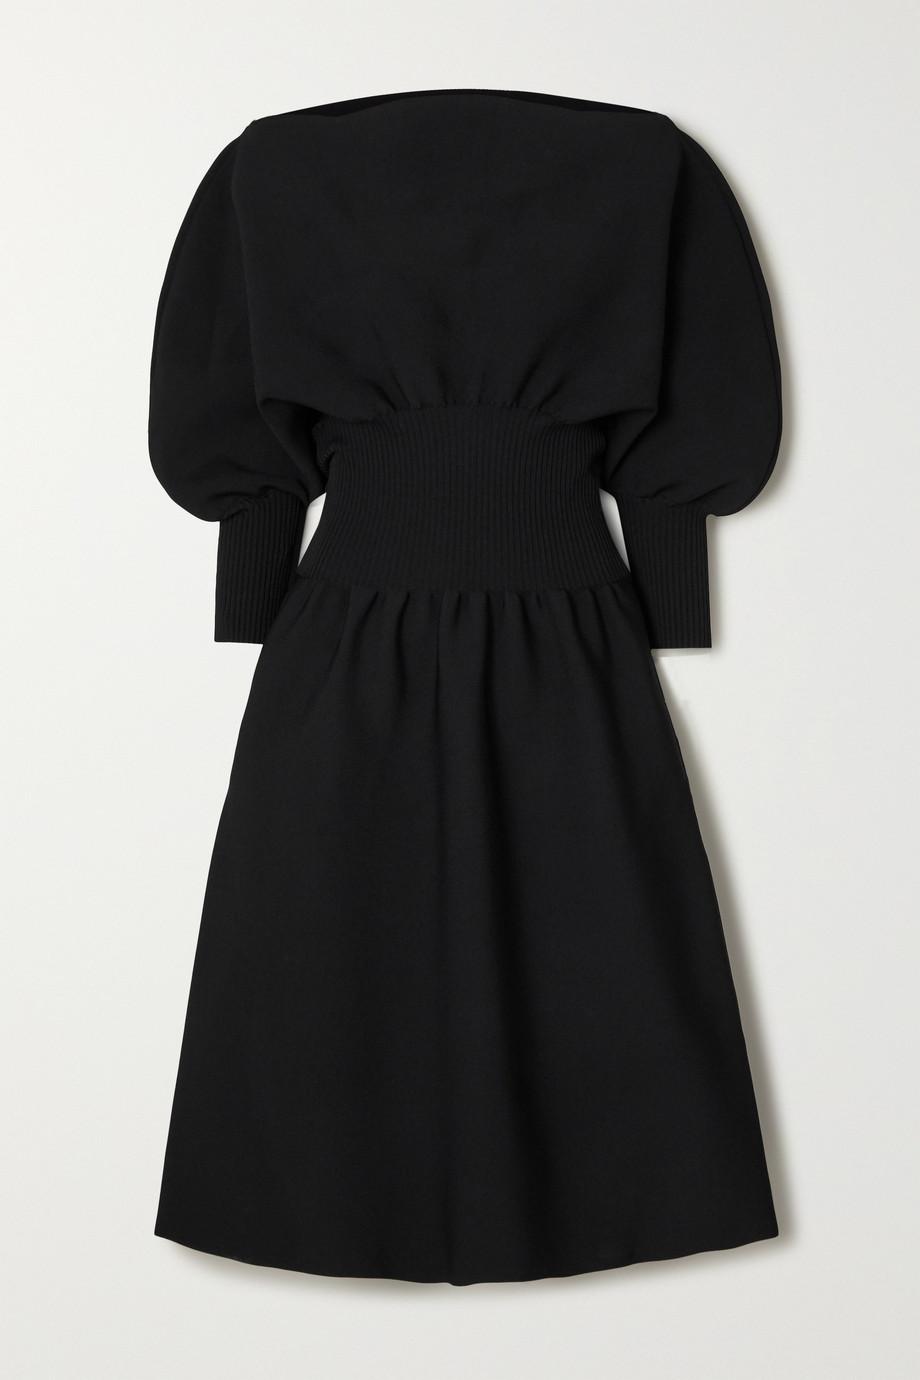 Bottega Veneta Stretch-knit midi dress